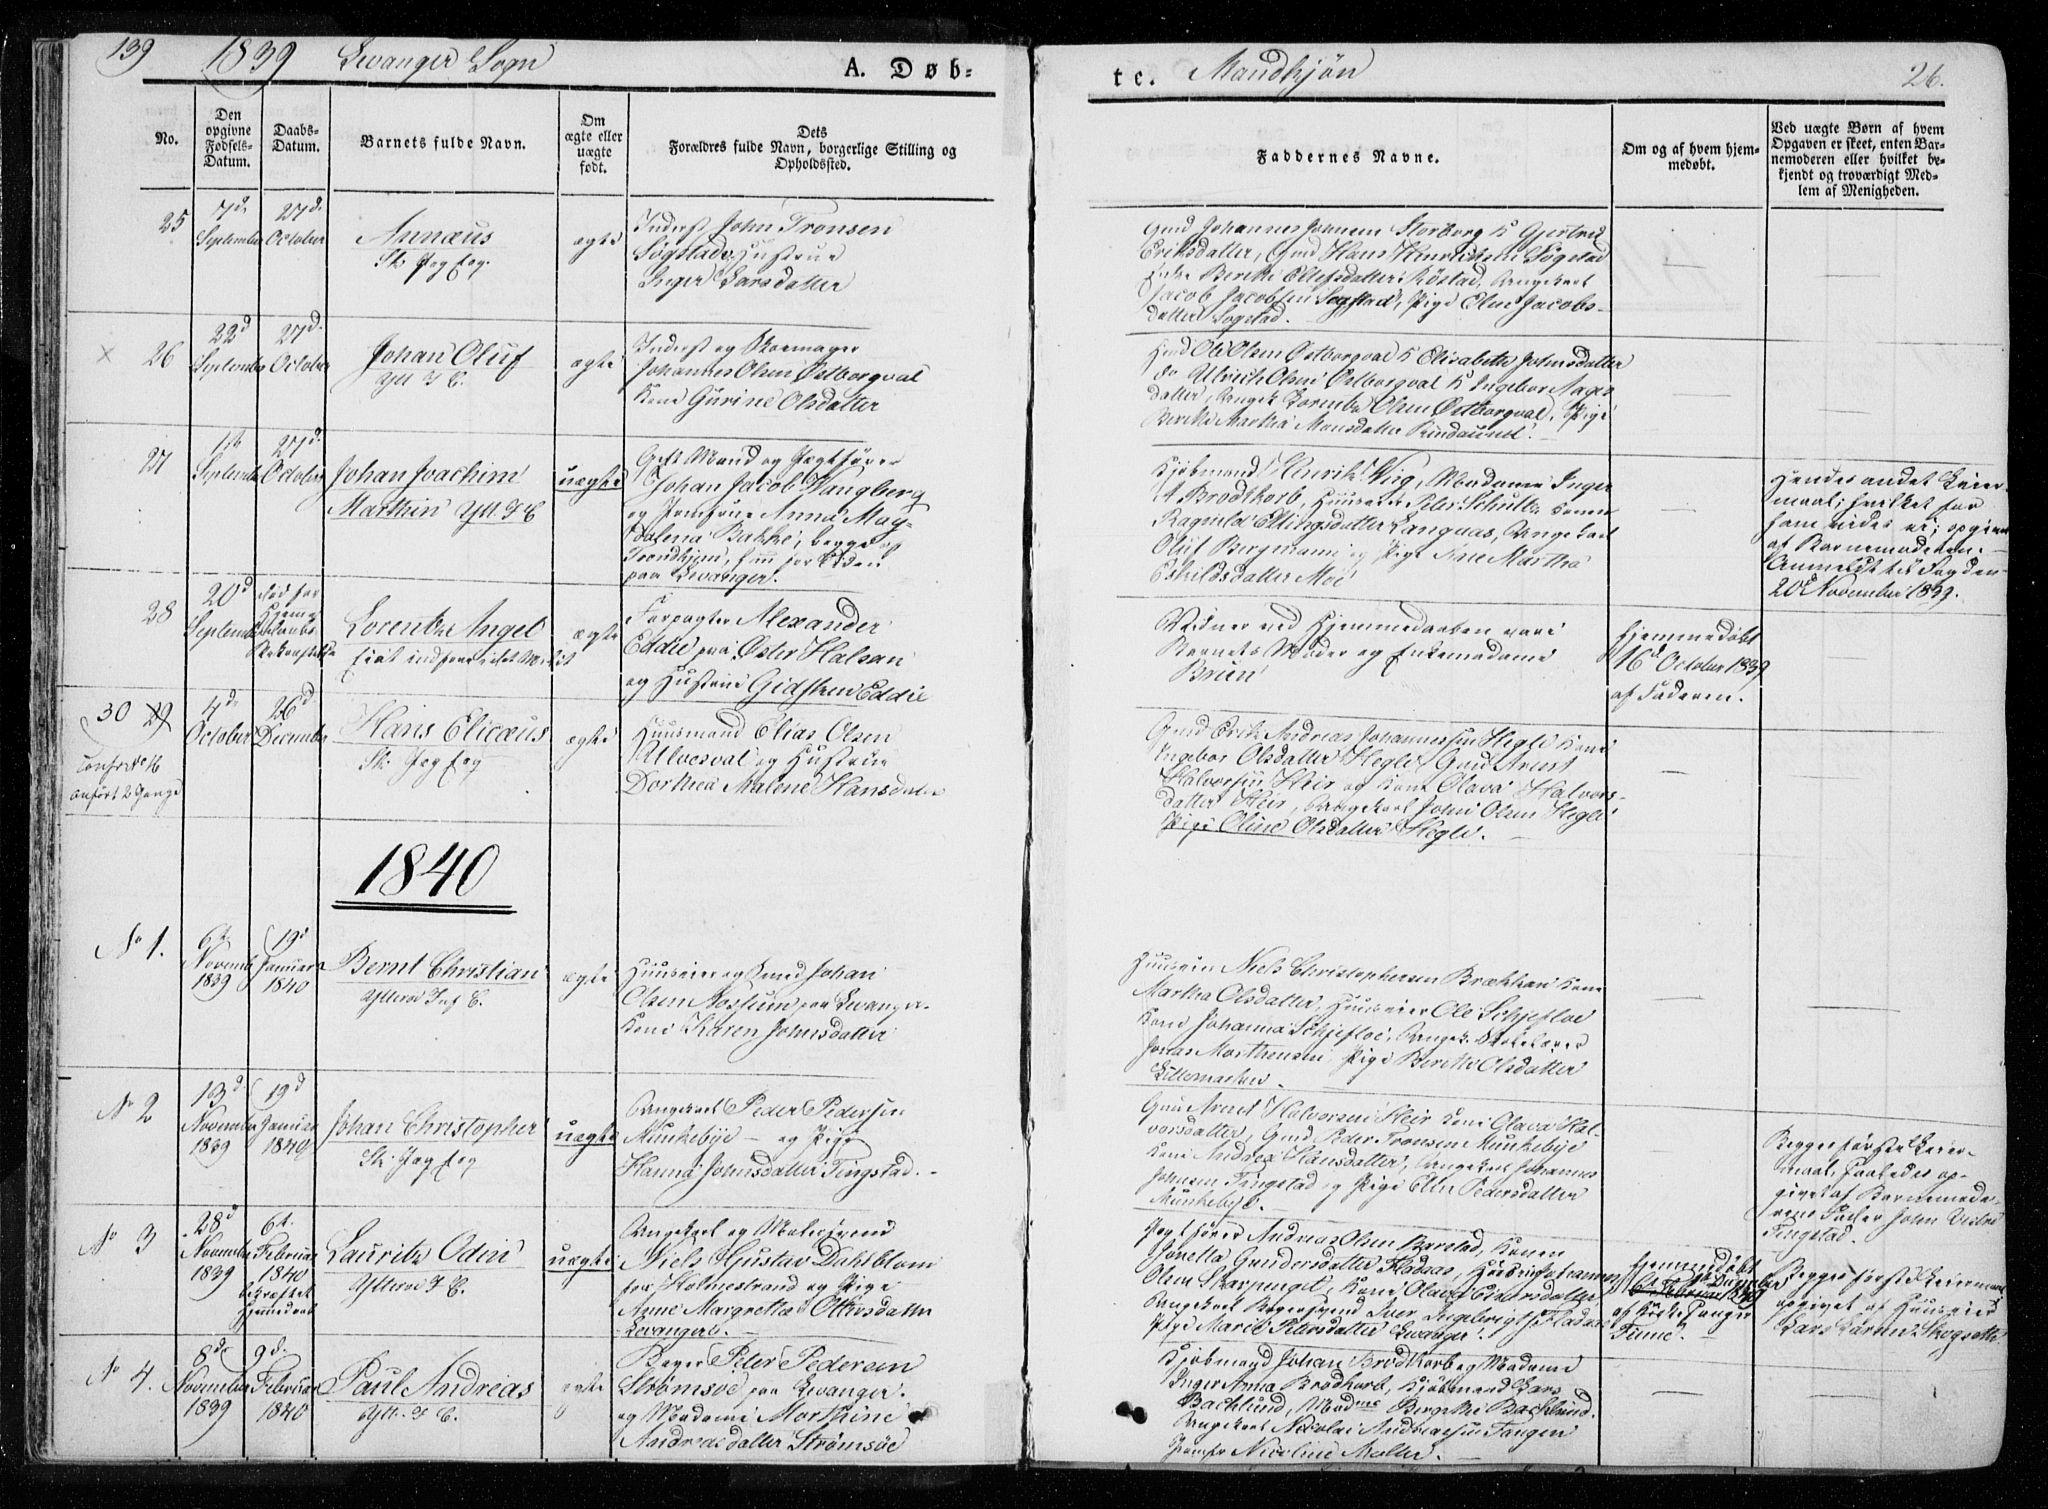 SAT, Ministerialprotokoller, klokkerbøker og fødselsregistre - Nord-Trøndelag, 720/L0183: Ministerialbok nr. 720A01, 1836-1855, s. 26